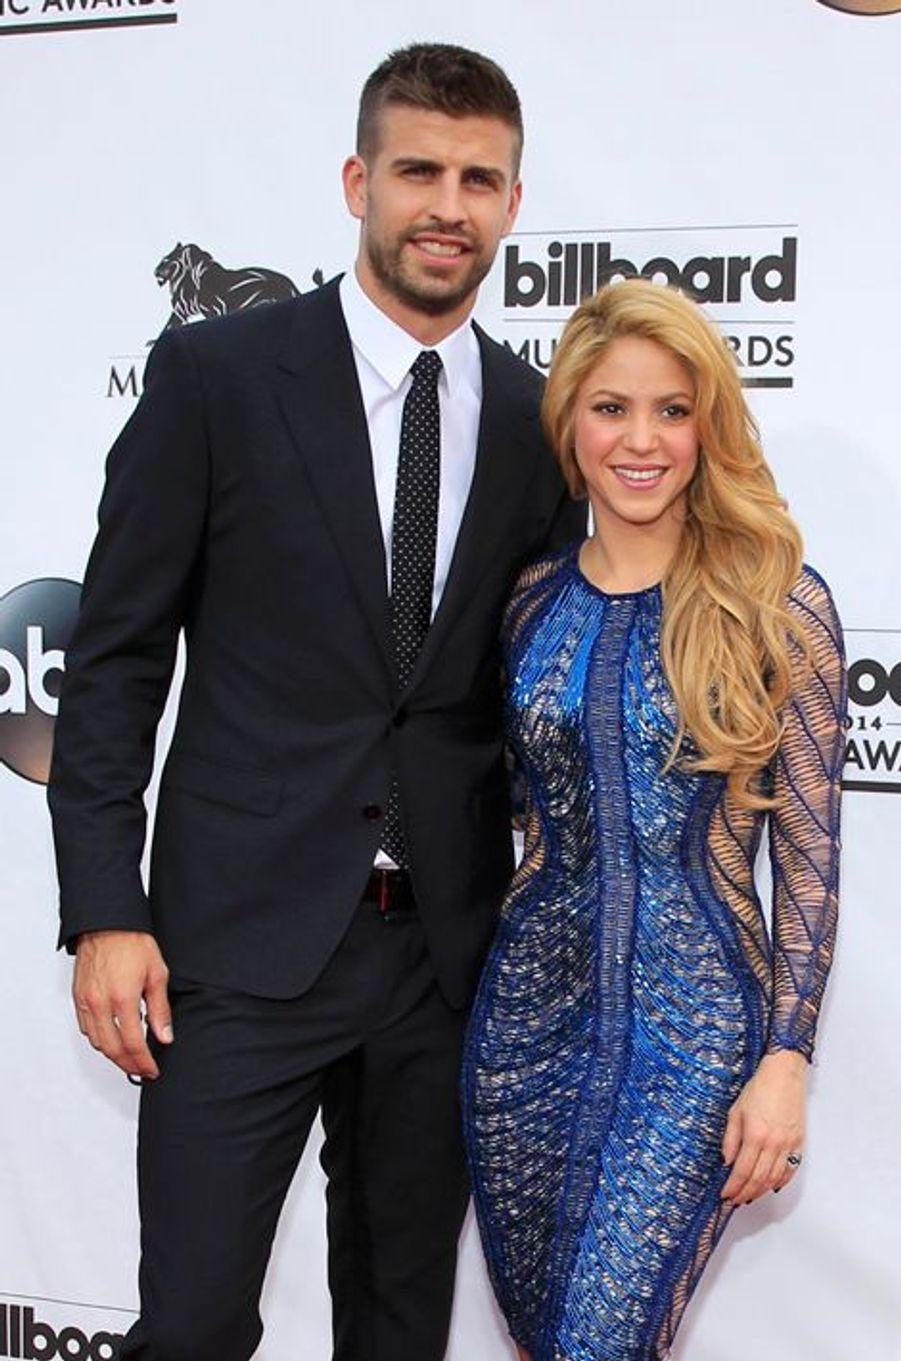 La chanteuse Shakira et le sportif Gerard Pique ont accueilli leur deuxième enfant, un petit garçon prénommé Sasha, en janvier 2015.